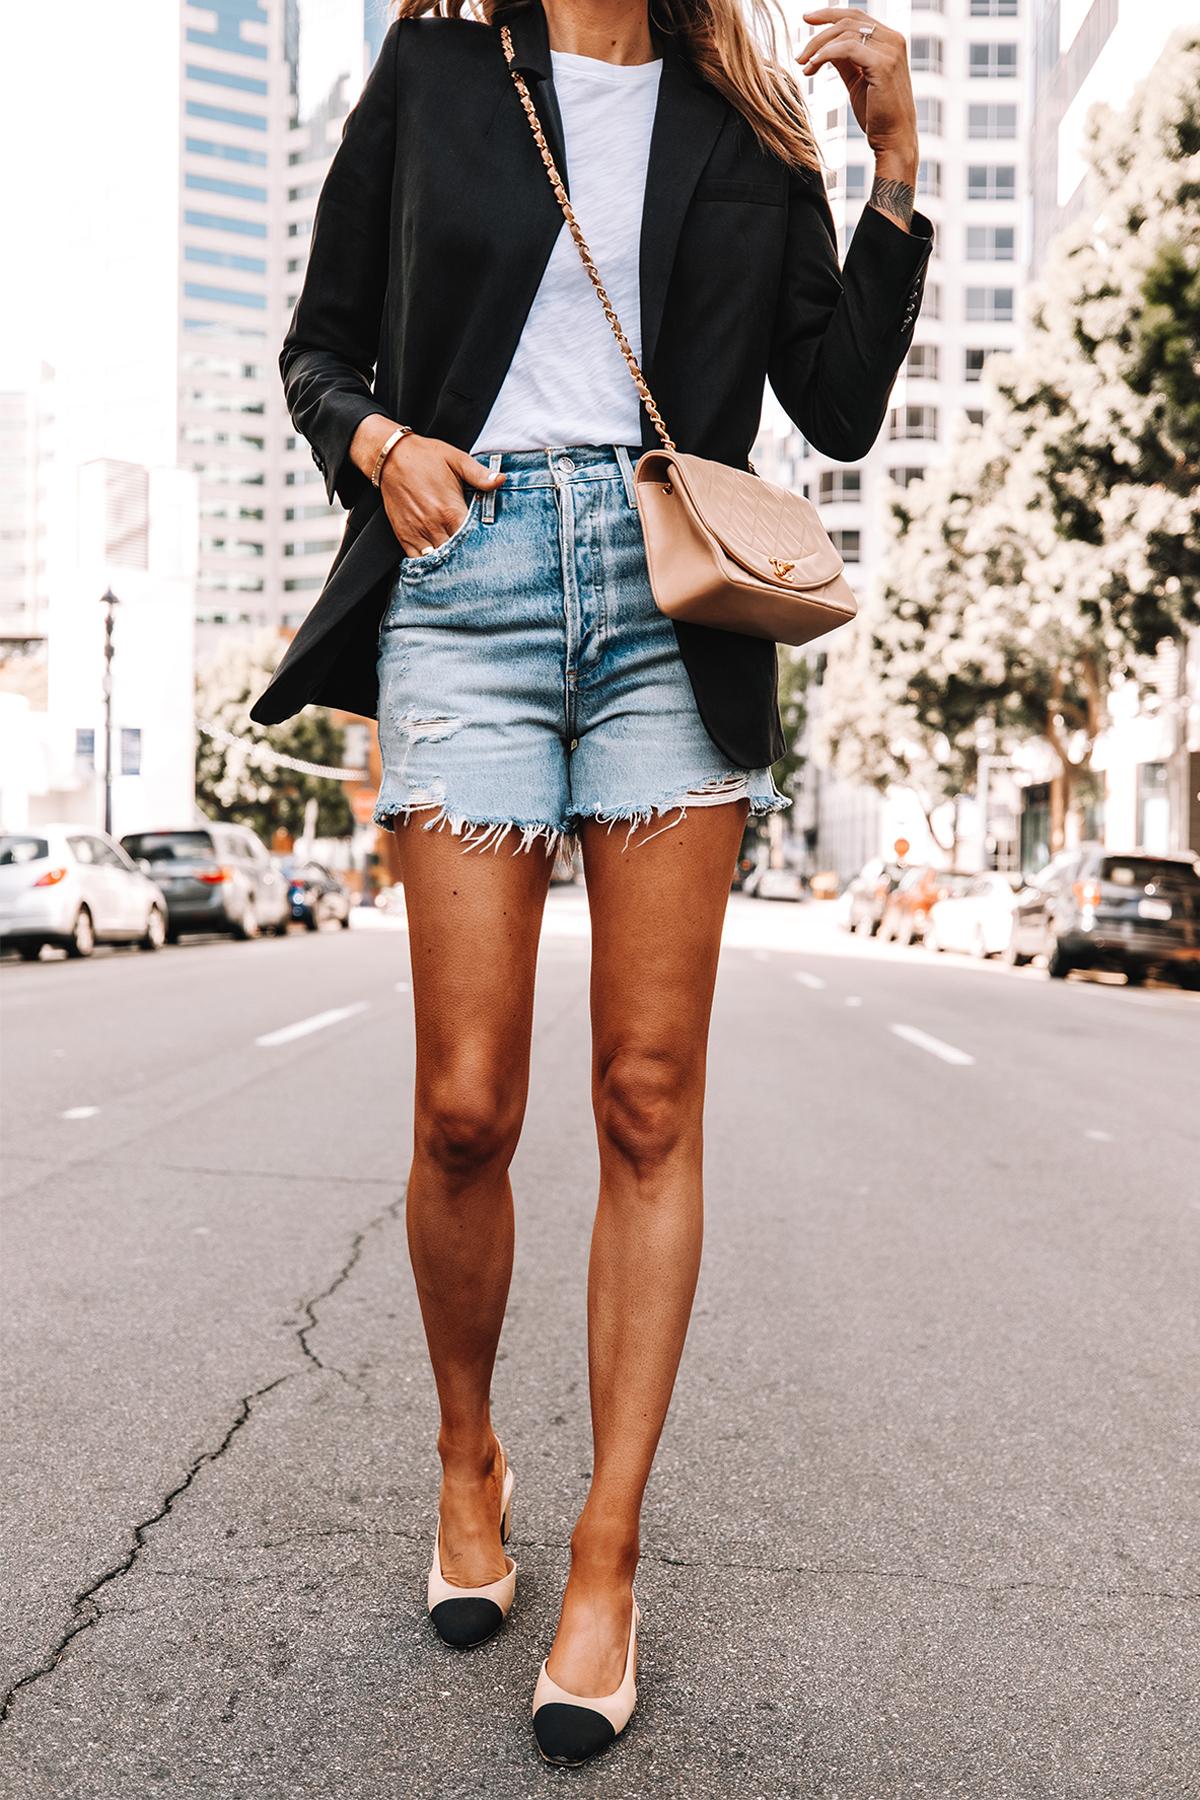 Fashion Jackson Wearing Everlane Black Blazer White Tshirt High Rise Denim Shorts Chanel Slingbacks Beige Chanel Handbag